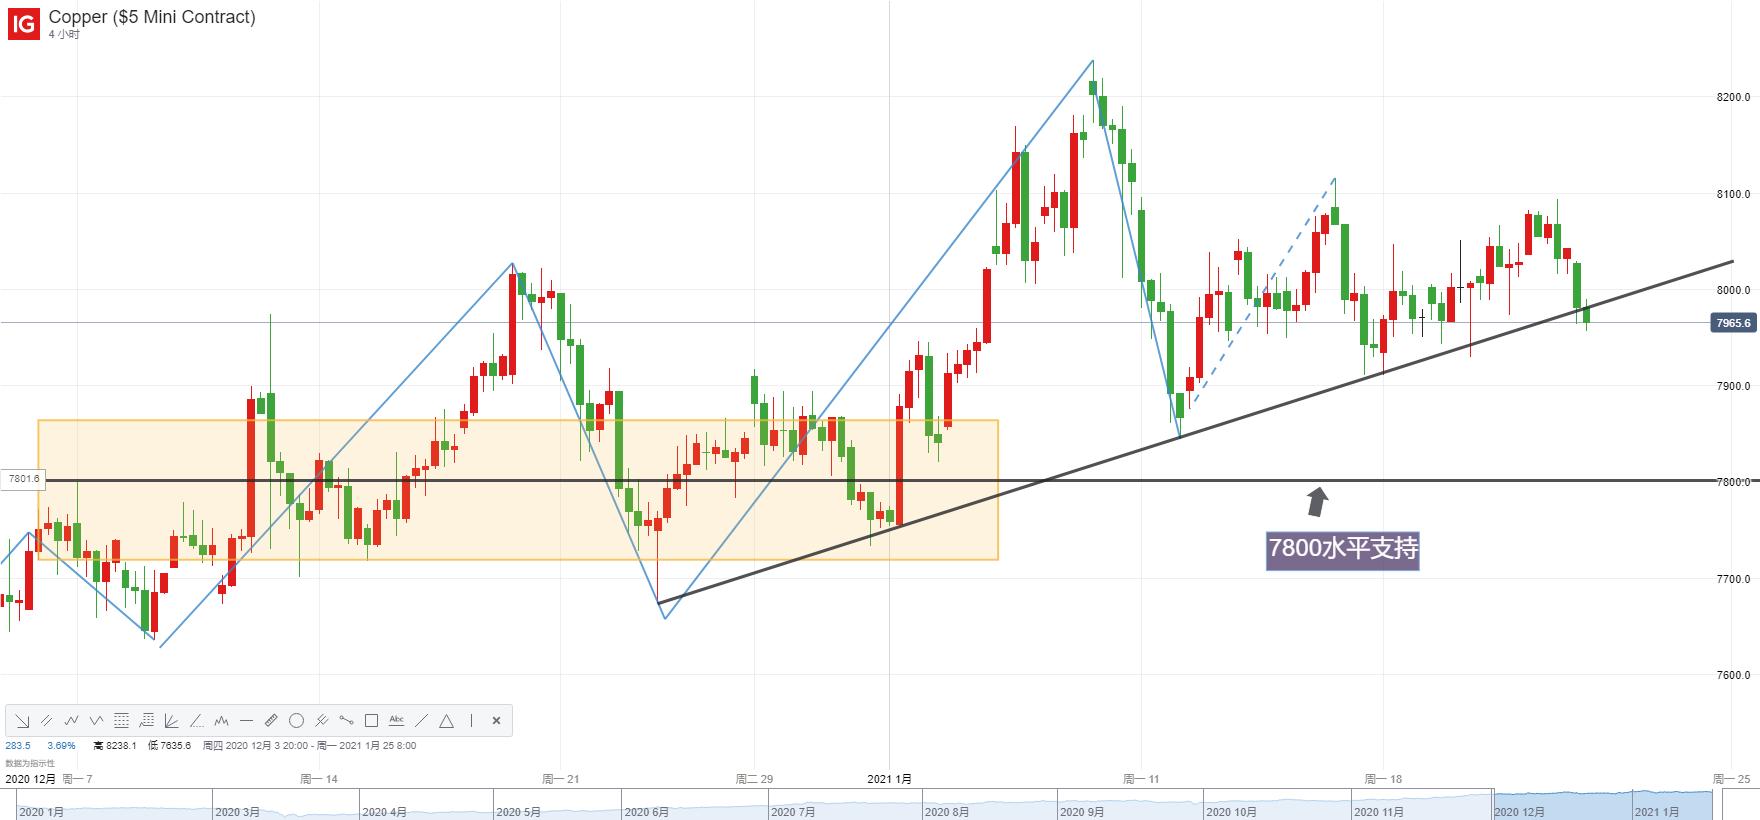 大宗商品走勢分析:國際銅價再失8000關口,跌勢一觸即發?黃金失守這一水平或重回跌勢!